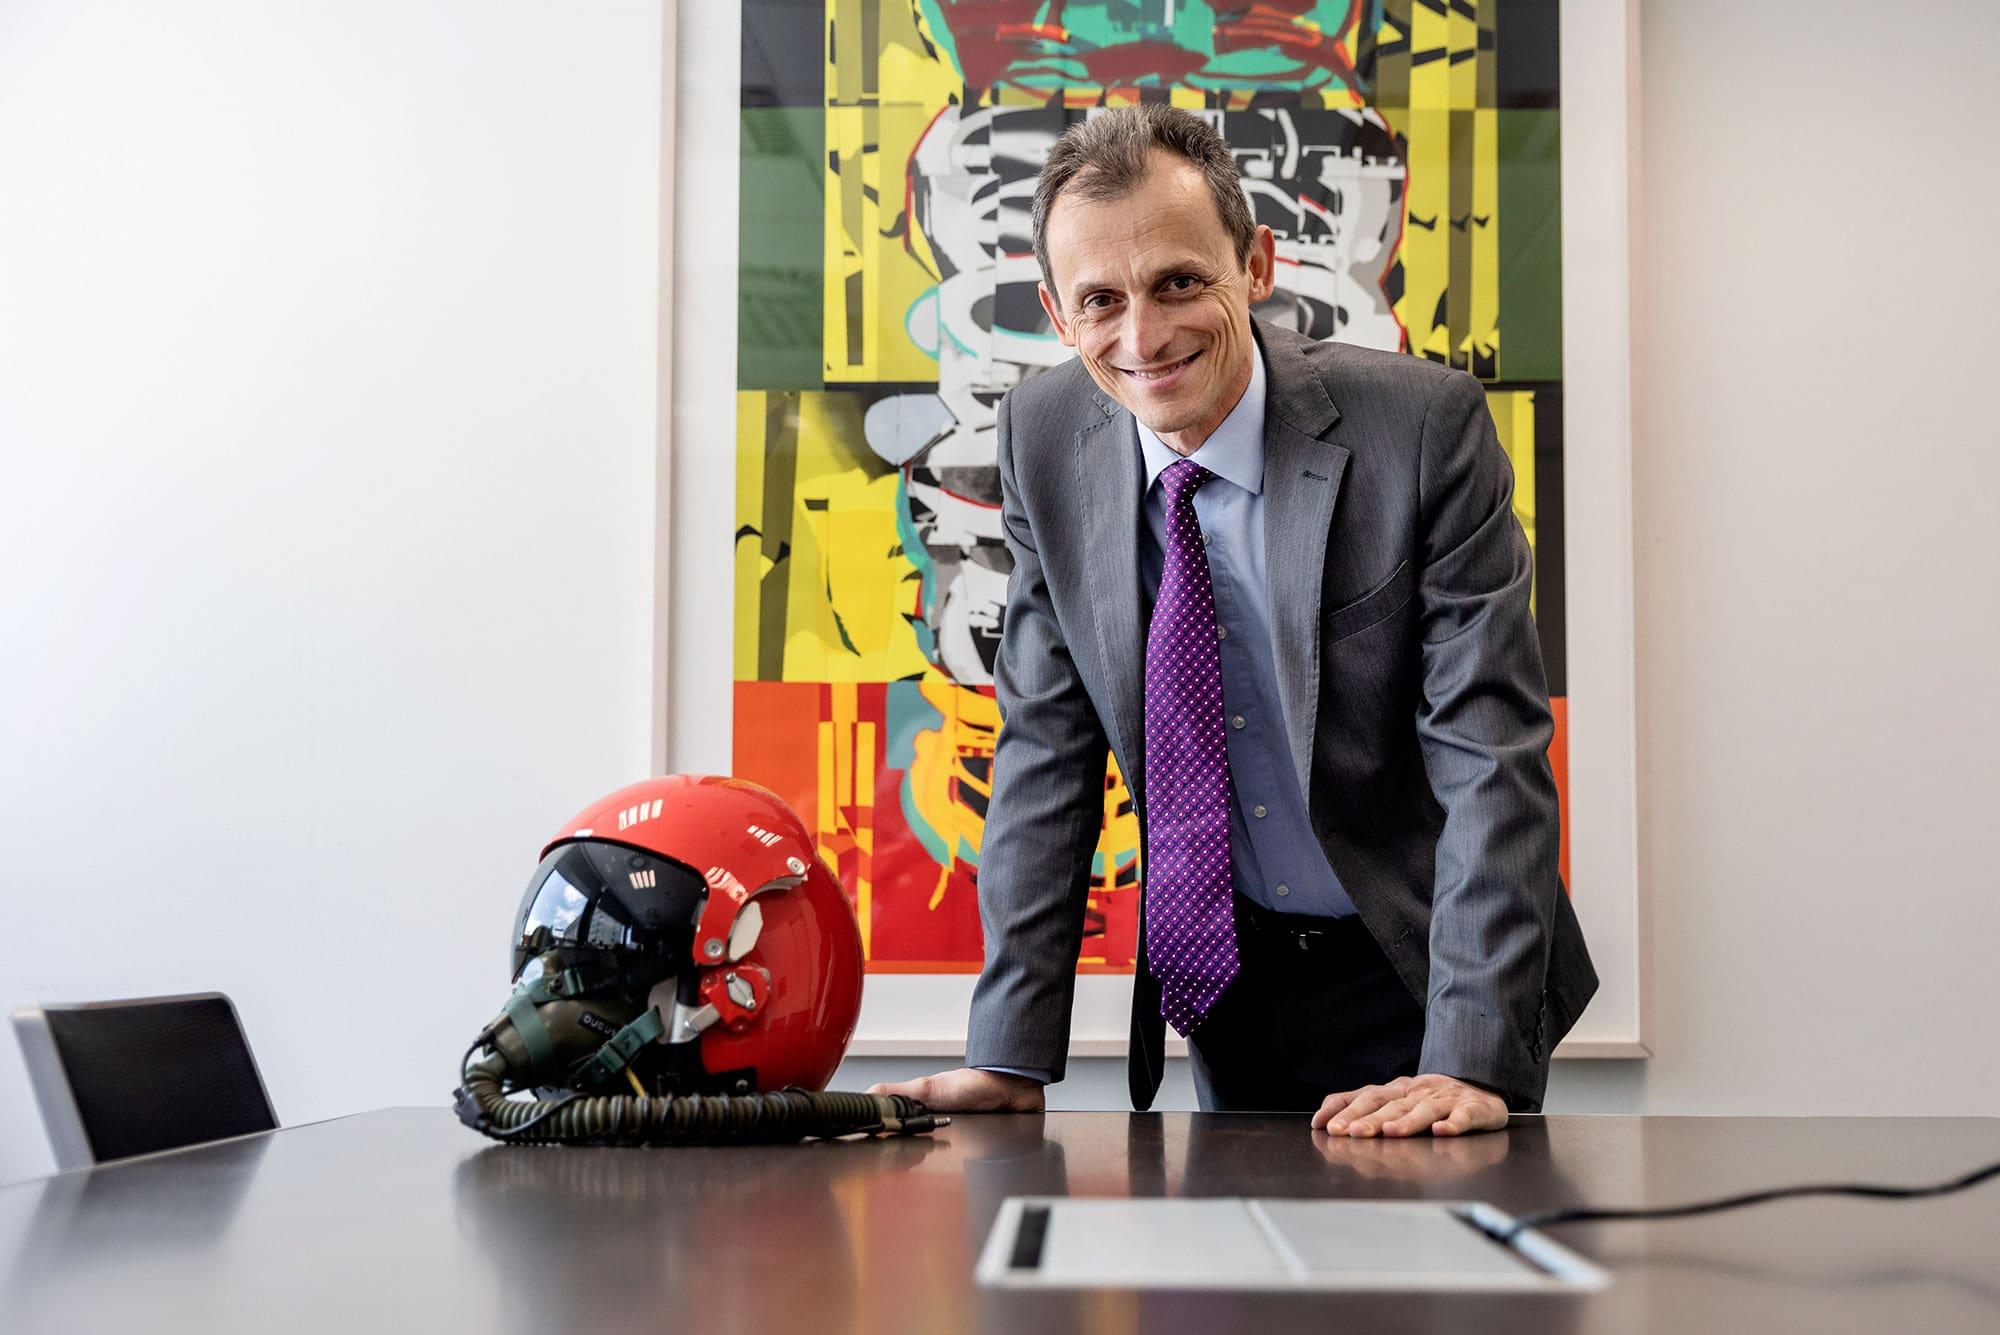 Pedro Duque, posa en su despacho junto a uno de sus cascos de entrenamiento.